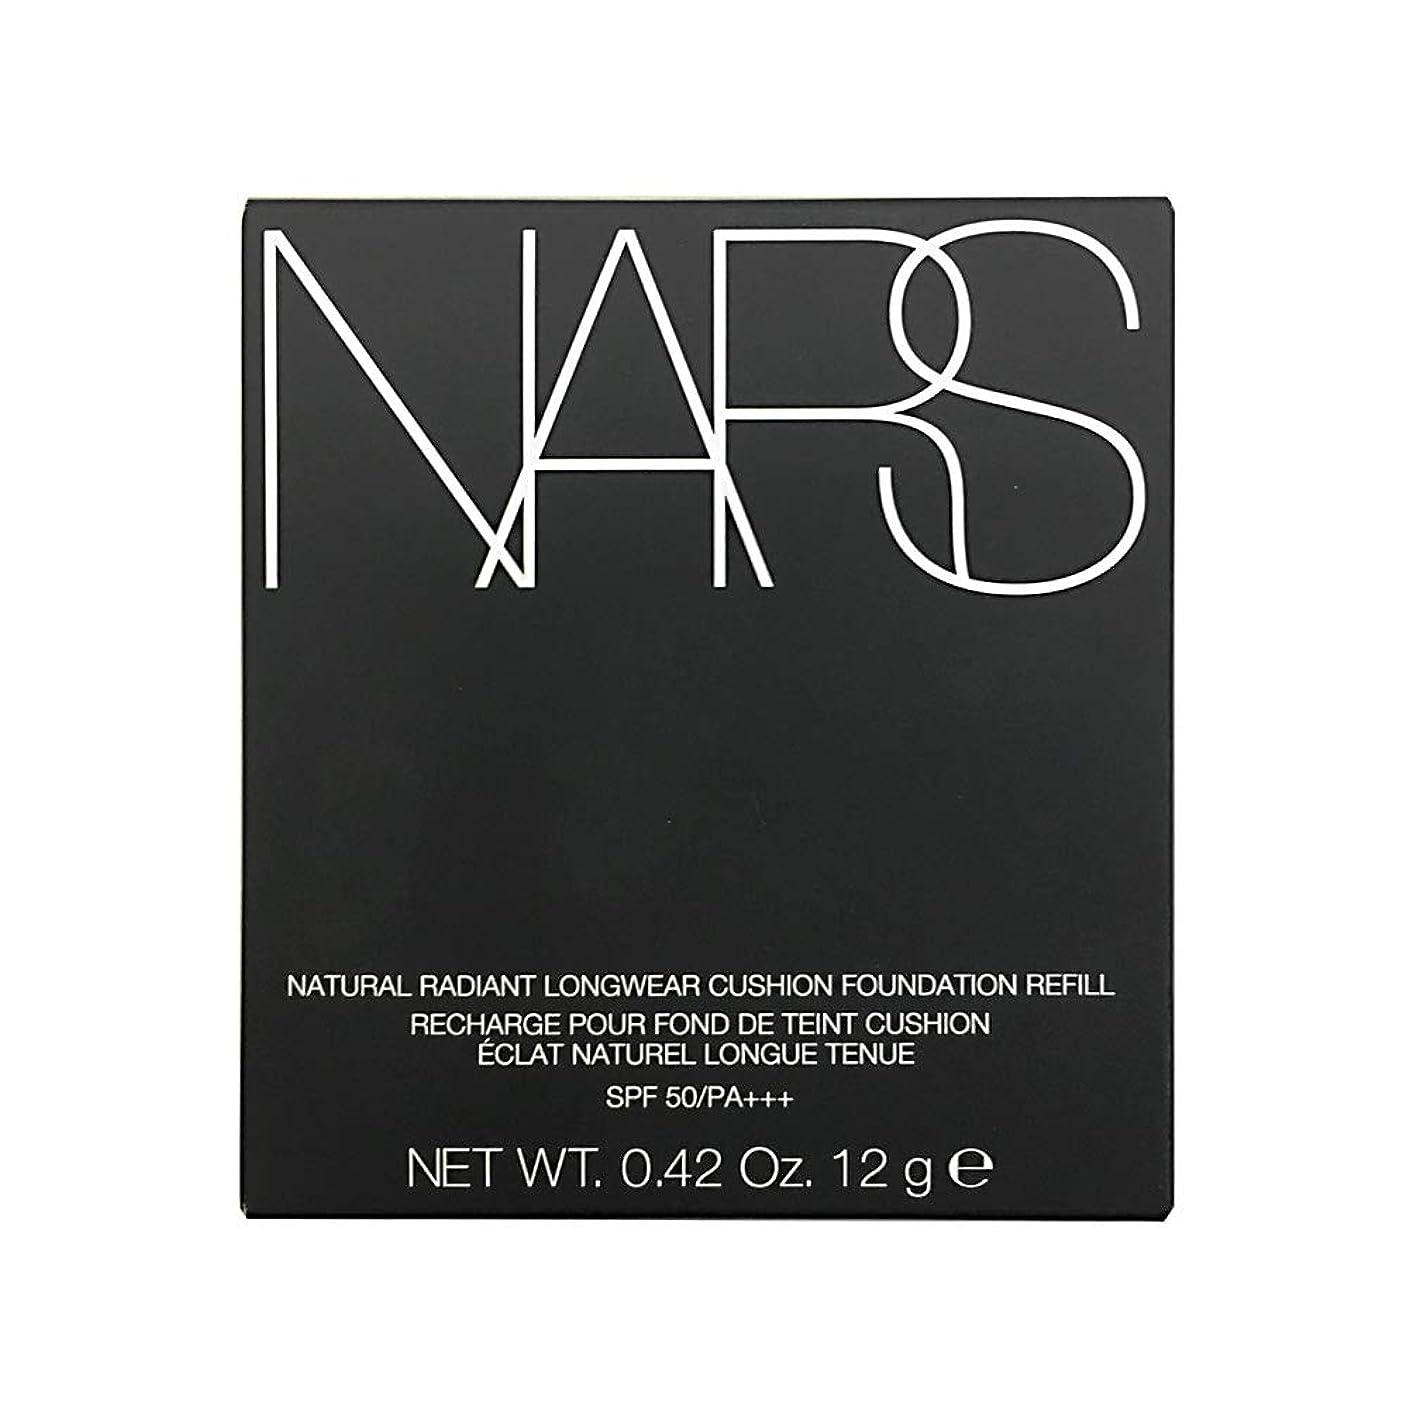 可愛い魅力正義ナーズ/NARS ナチュラルラディアント ロングウェア クッションファンデーション(レフィル)#5877 [ クッションファンデ ] [並行輸入品]